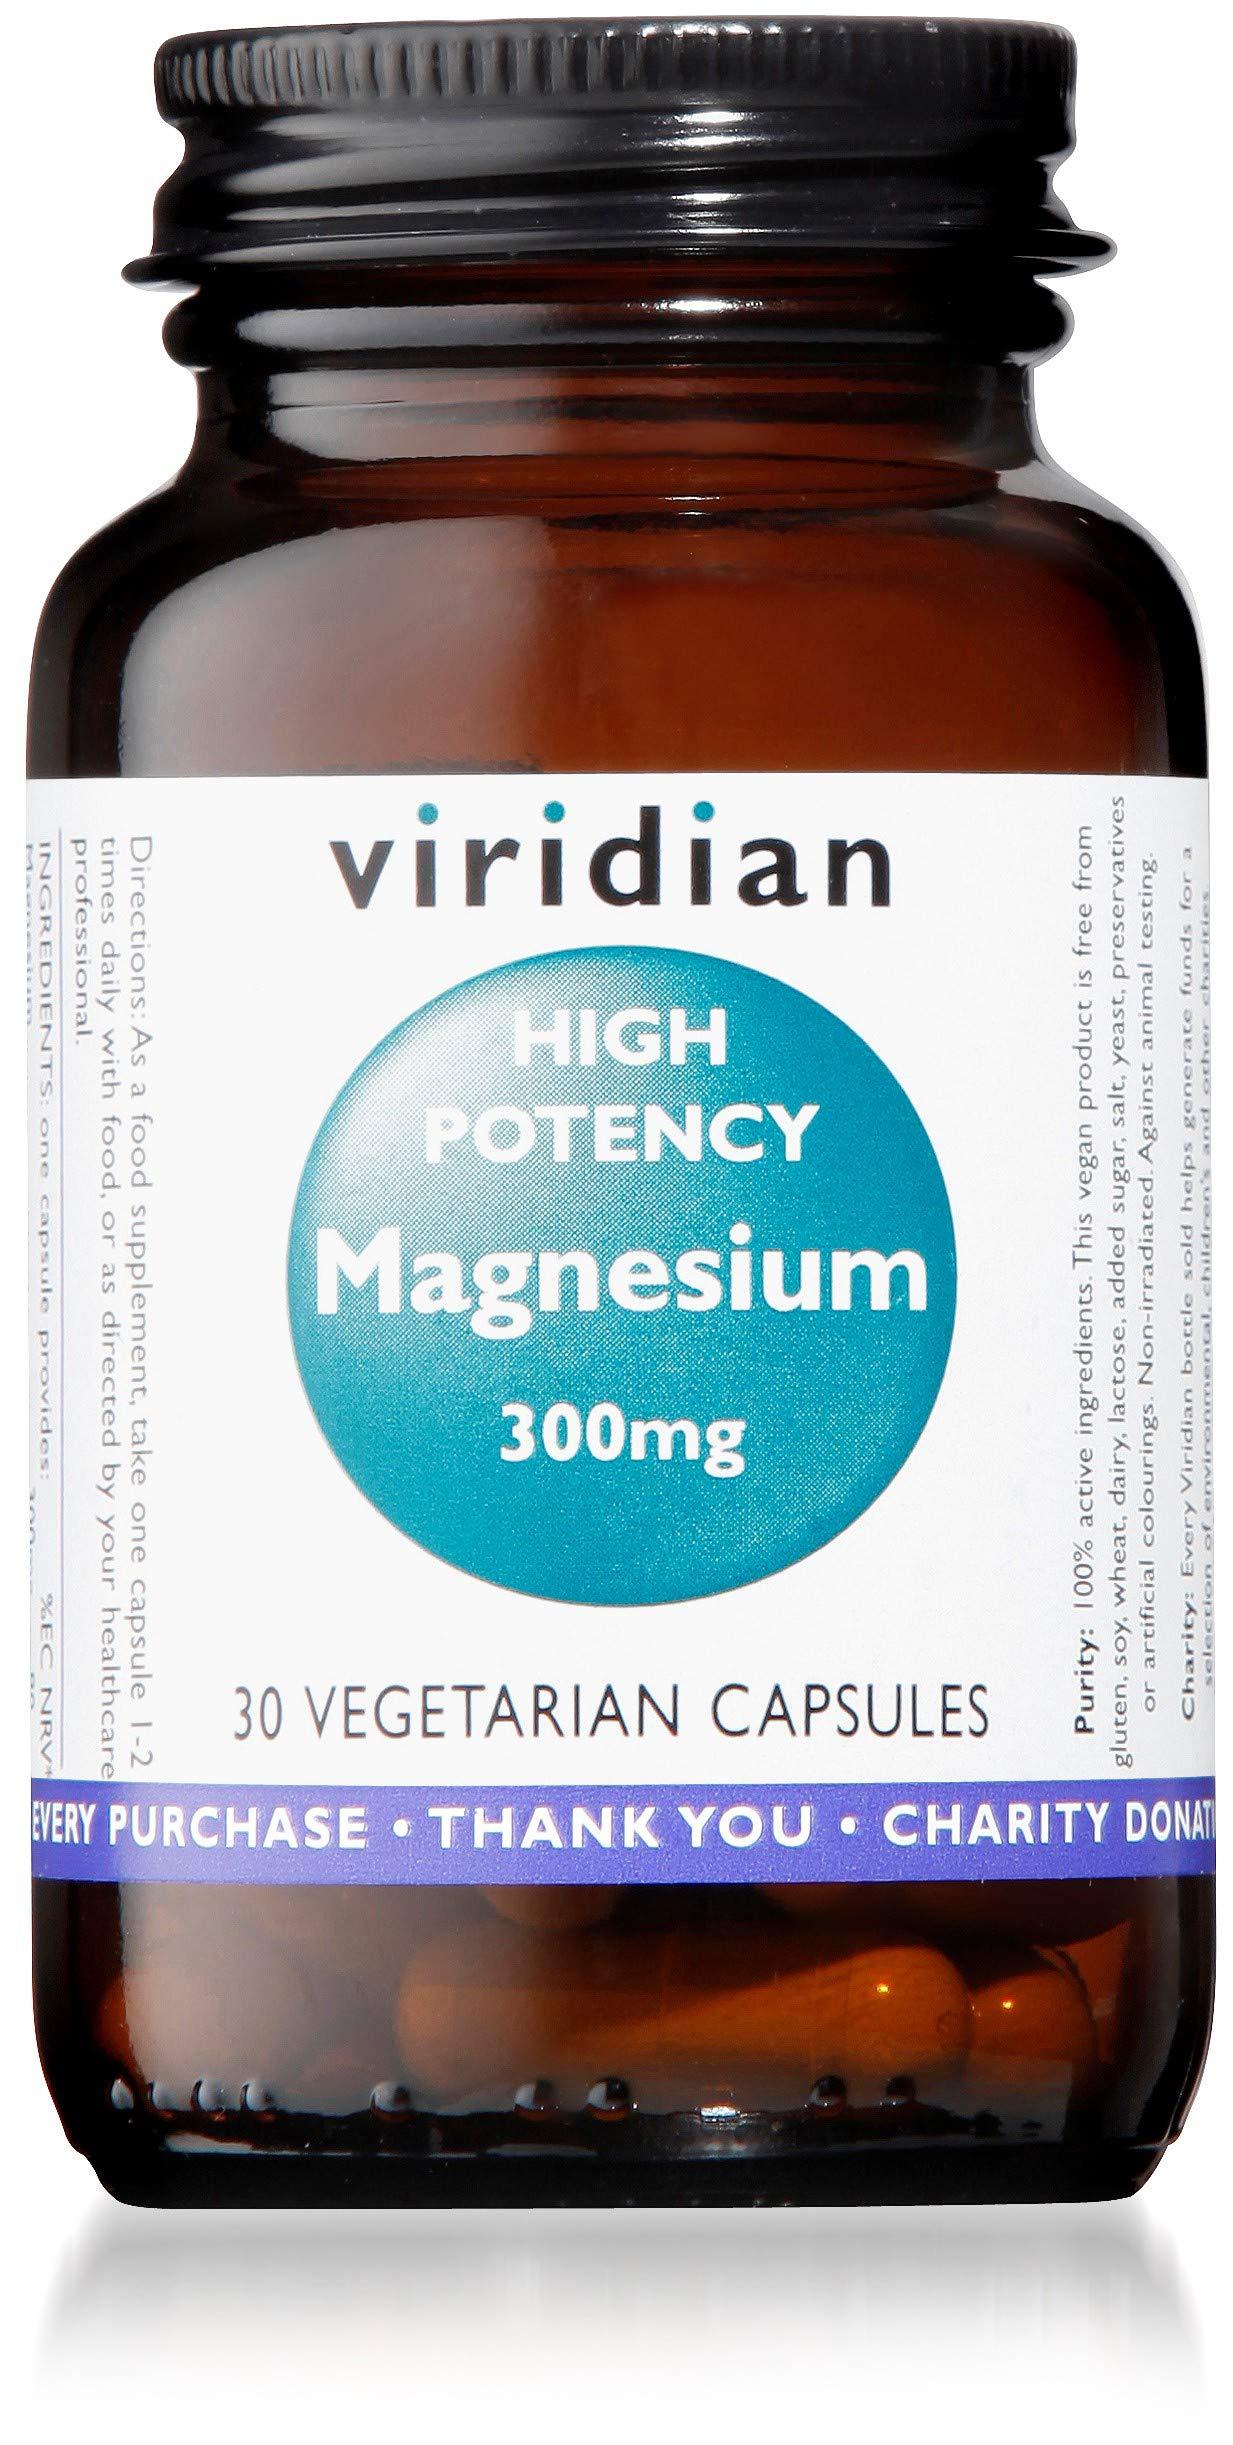 Viridian High Potency Magnesium 300mg 30 Vegetarian Capsules